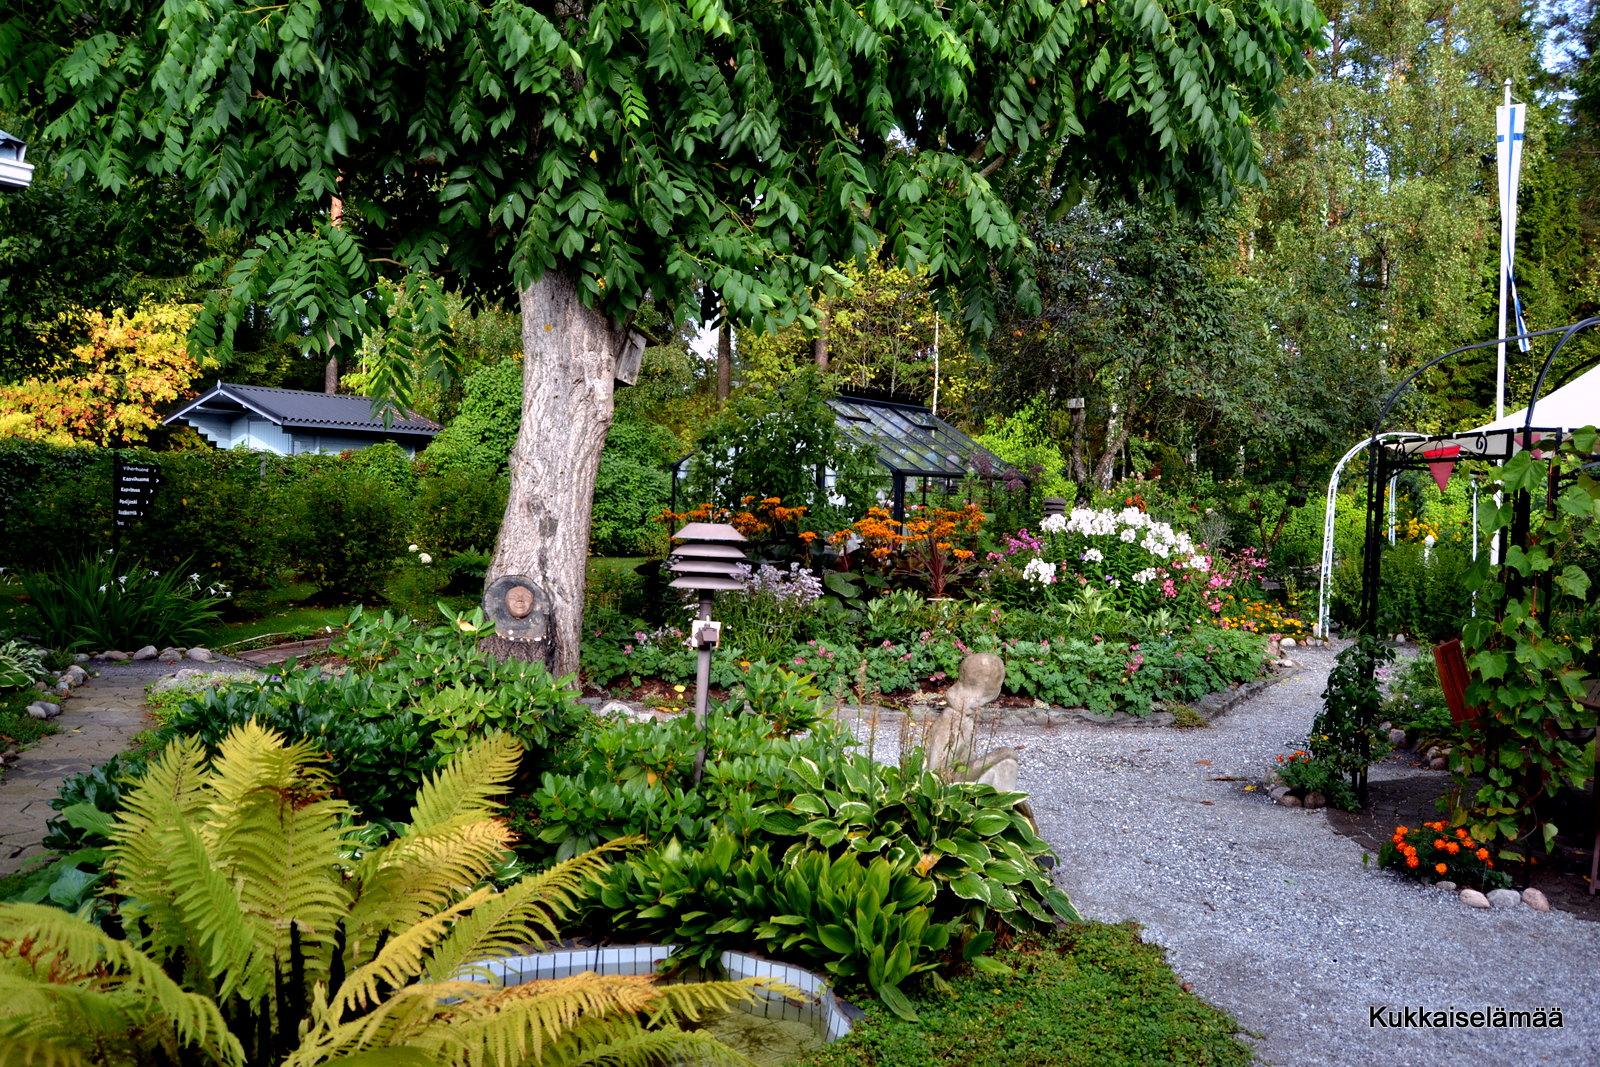 Syksyinen puutarha ja vähän muutakin – Autumnal garden..